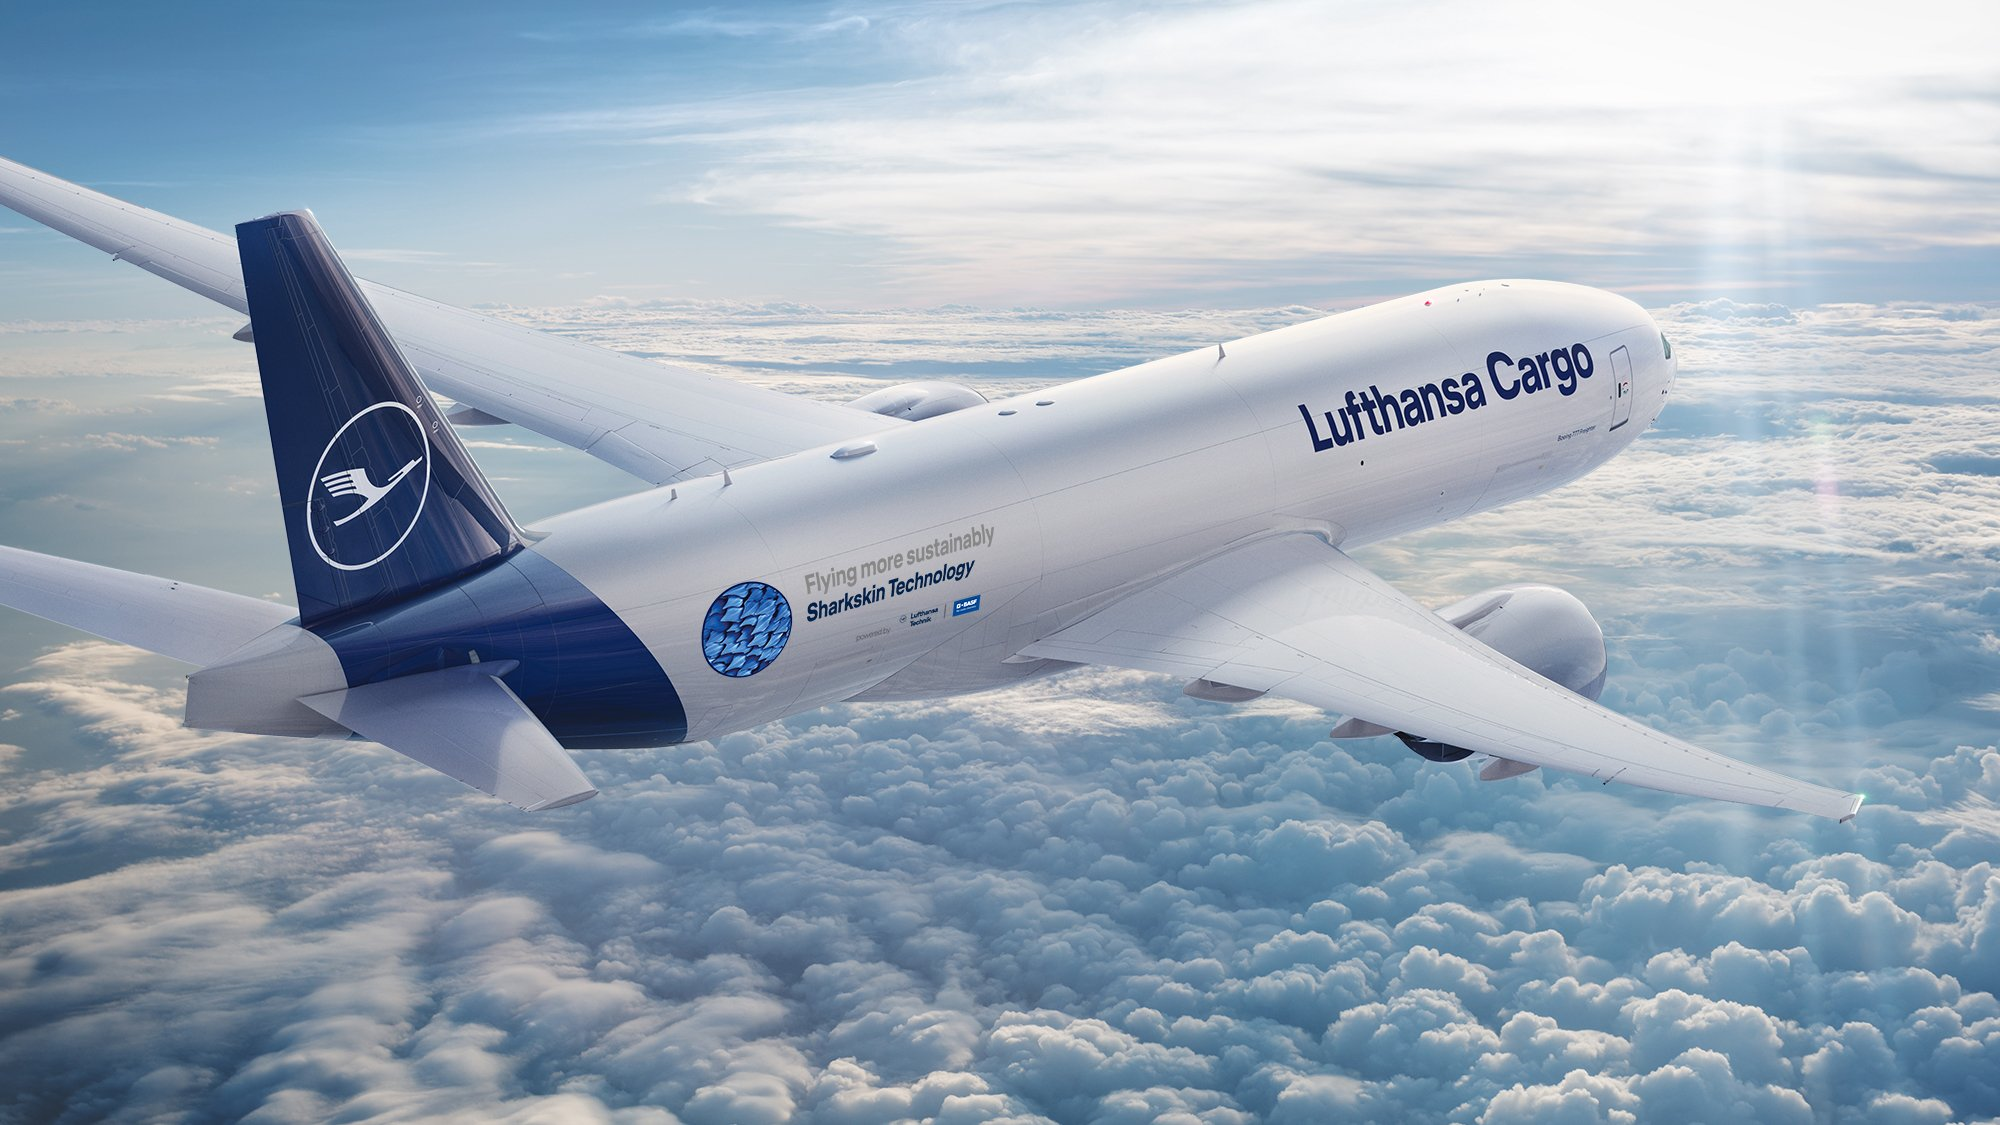 Lufthansa Cargo Flugzeug in den Wolken, Aufschrift: Flying more sustainably